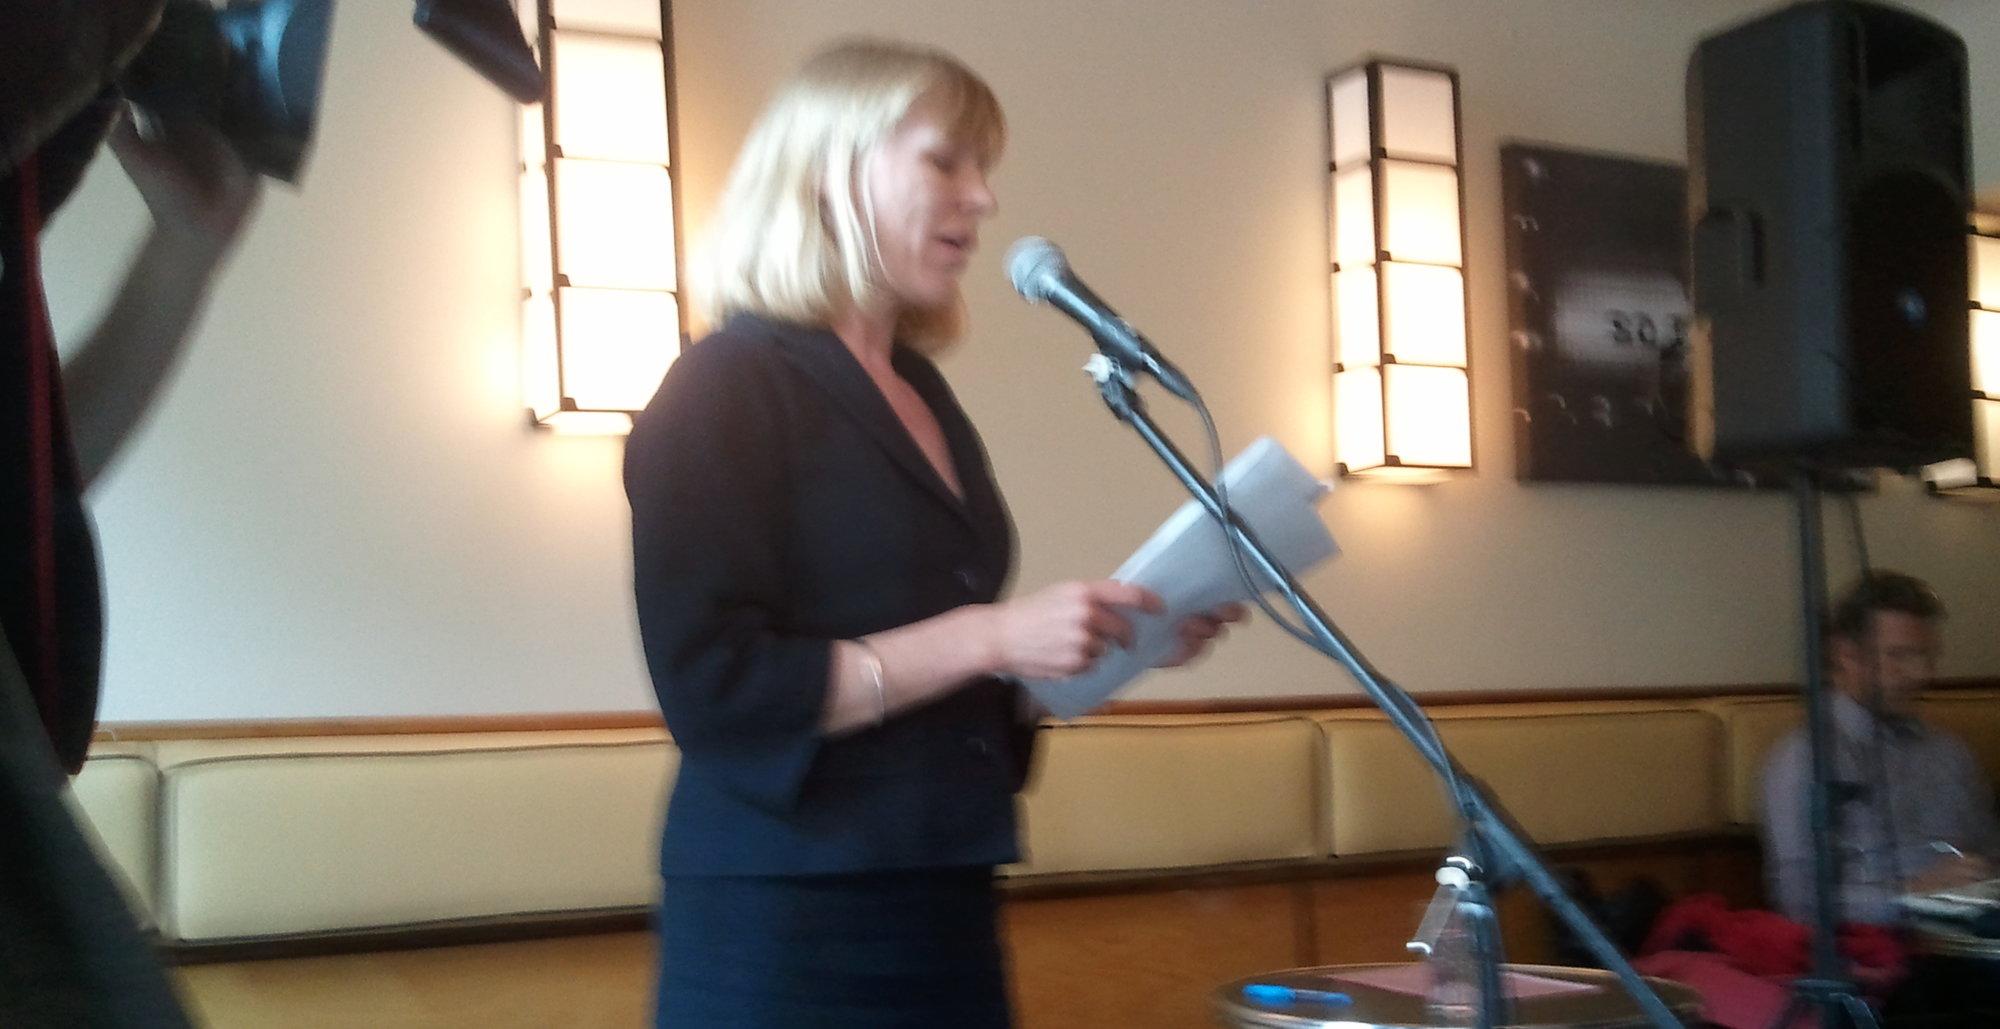 Kulturminister Anniken Huitfeldt forklarte i svært korte ordelag hva høringsnotatet anbefaler. I et intervju med ITavisen.no innrømte hun at fildelingen faktisk har økt etter innføringen av EU-loven IPRED i Sverige.